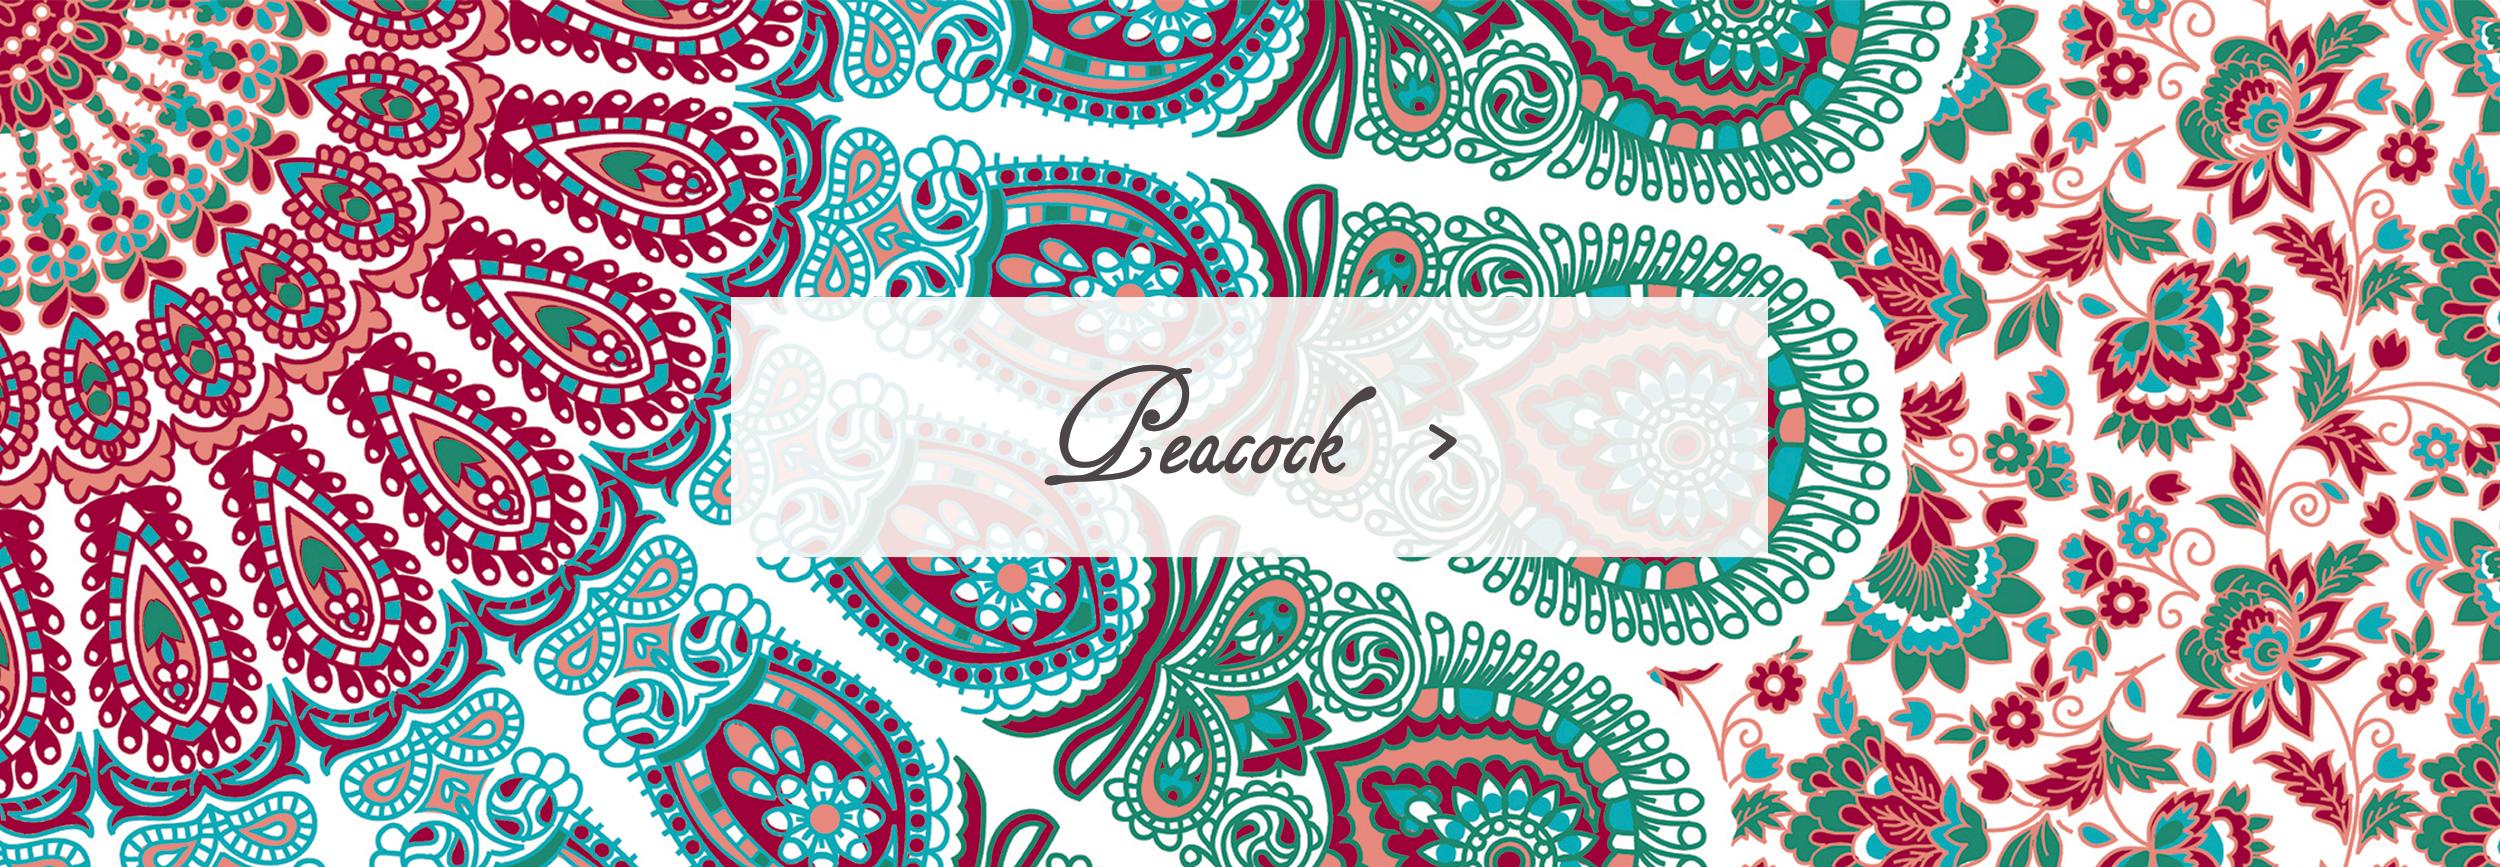 Peacock Sleeping Bag Beauties Pattern Print